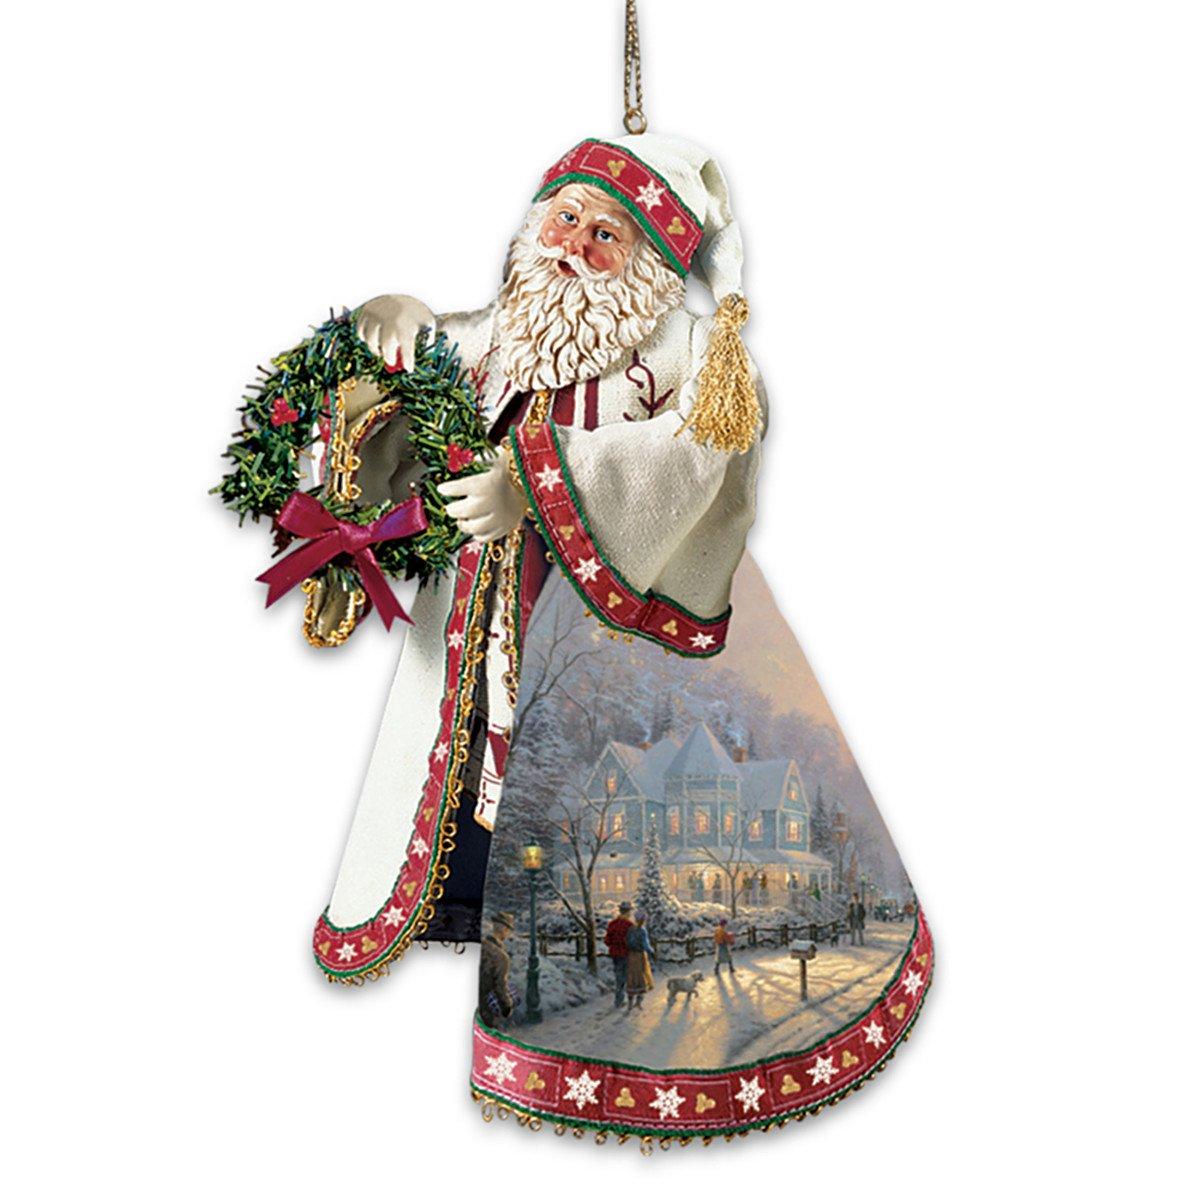 Kinkade christmas ornaments - Amazon Com Thomas Kinkade Santa Claus Heirloom Christmas Ornaments With Artwork Set Of 3 By The Ashton Drake Galleries Home Kitchen